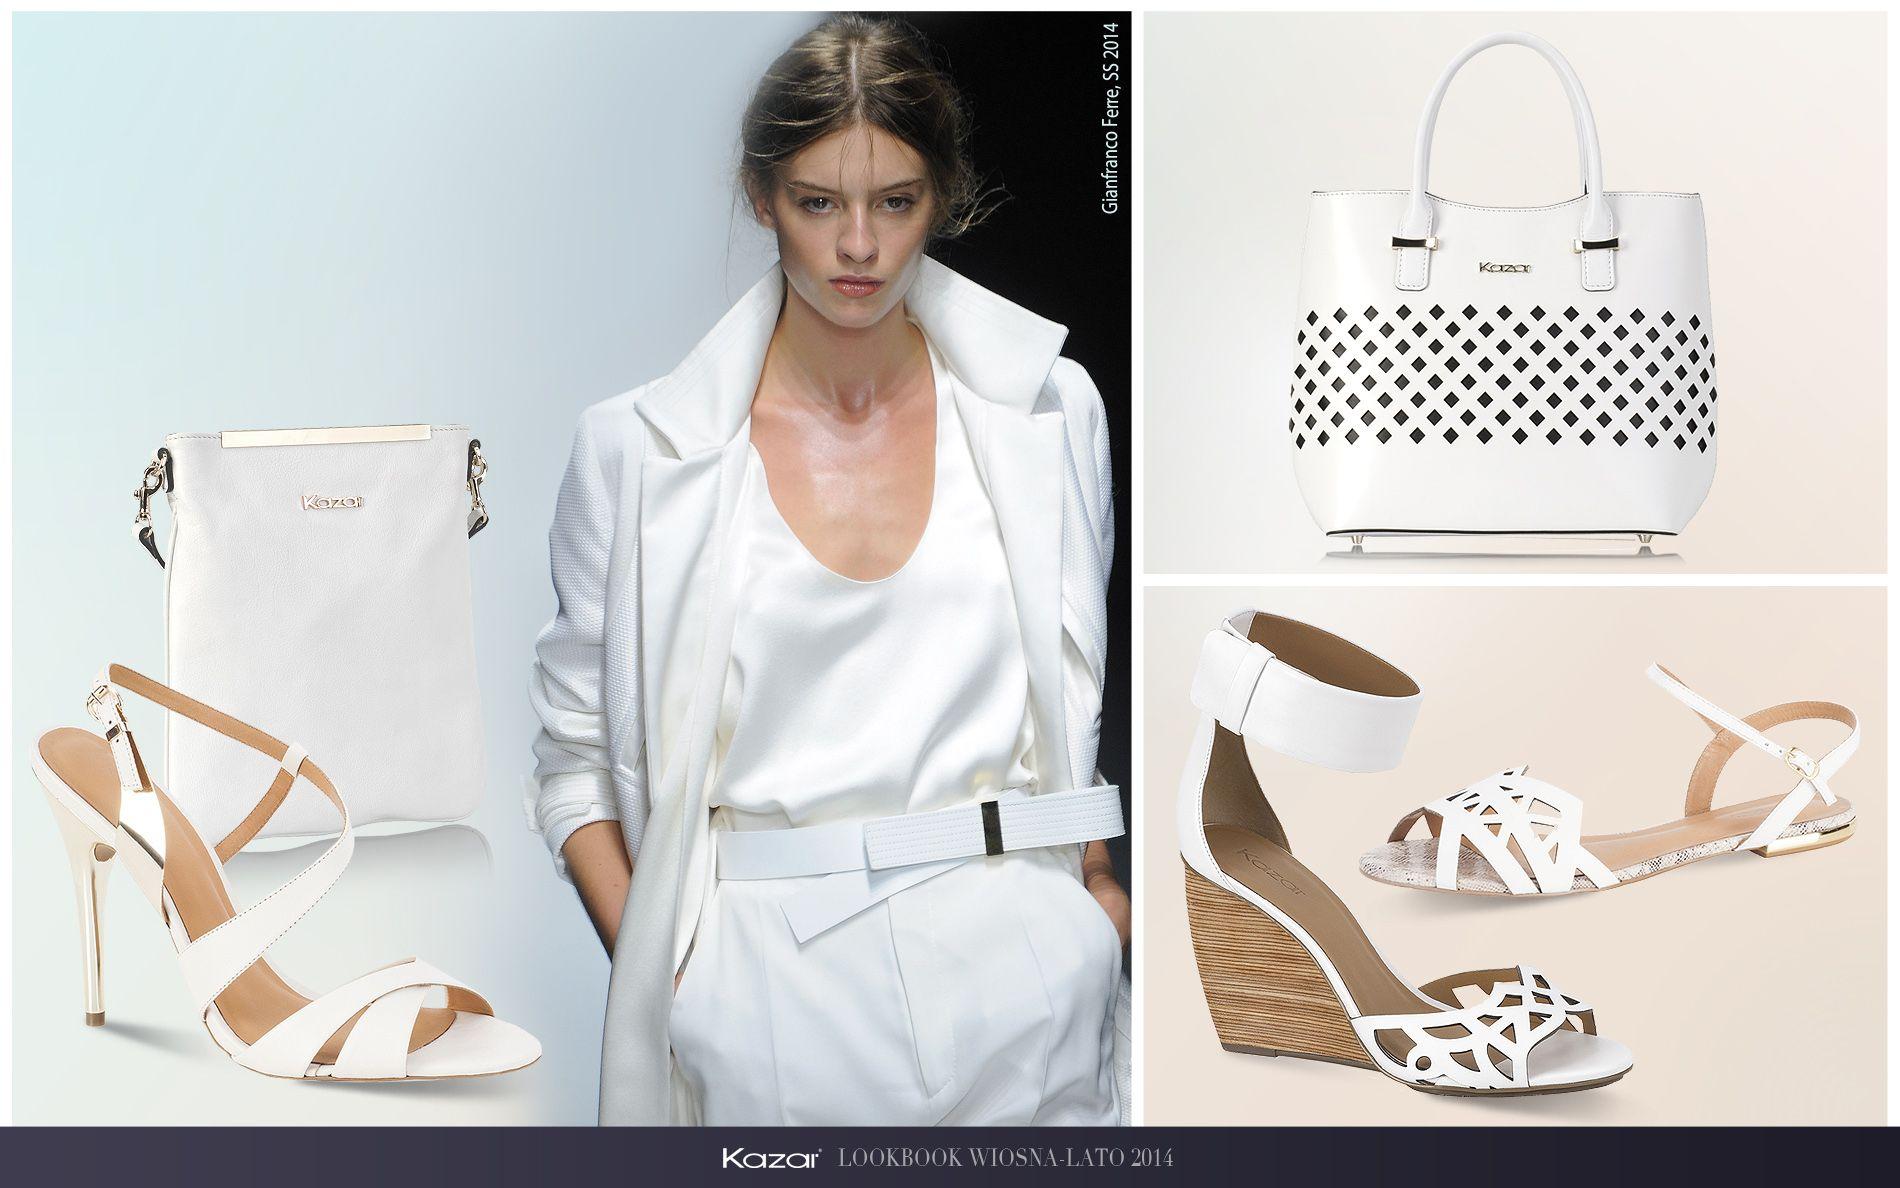 Lookbook Wiosna Lato 2014 Kobieta Kazar Footwear Polyvore Fashion White